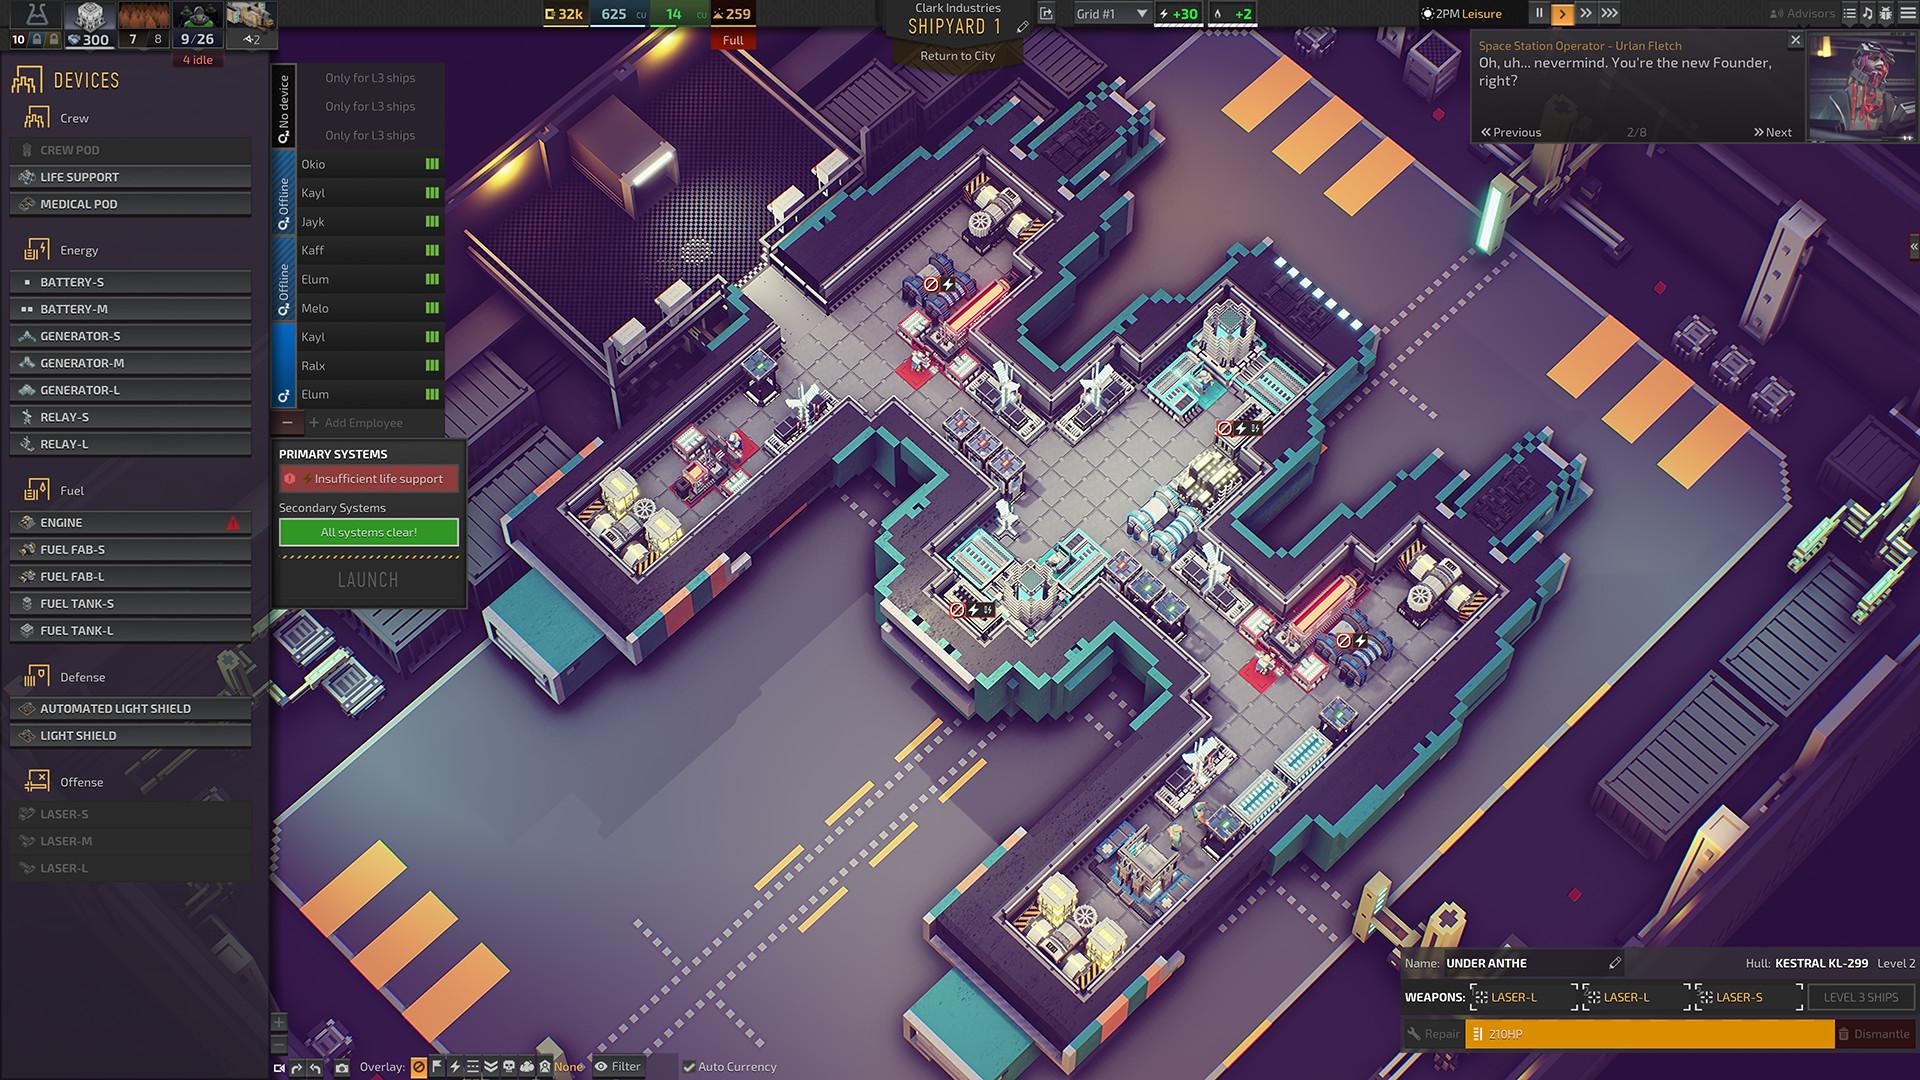 一款赛博朋克风的城市沙盒建造游戏